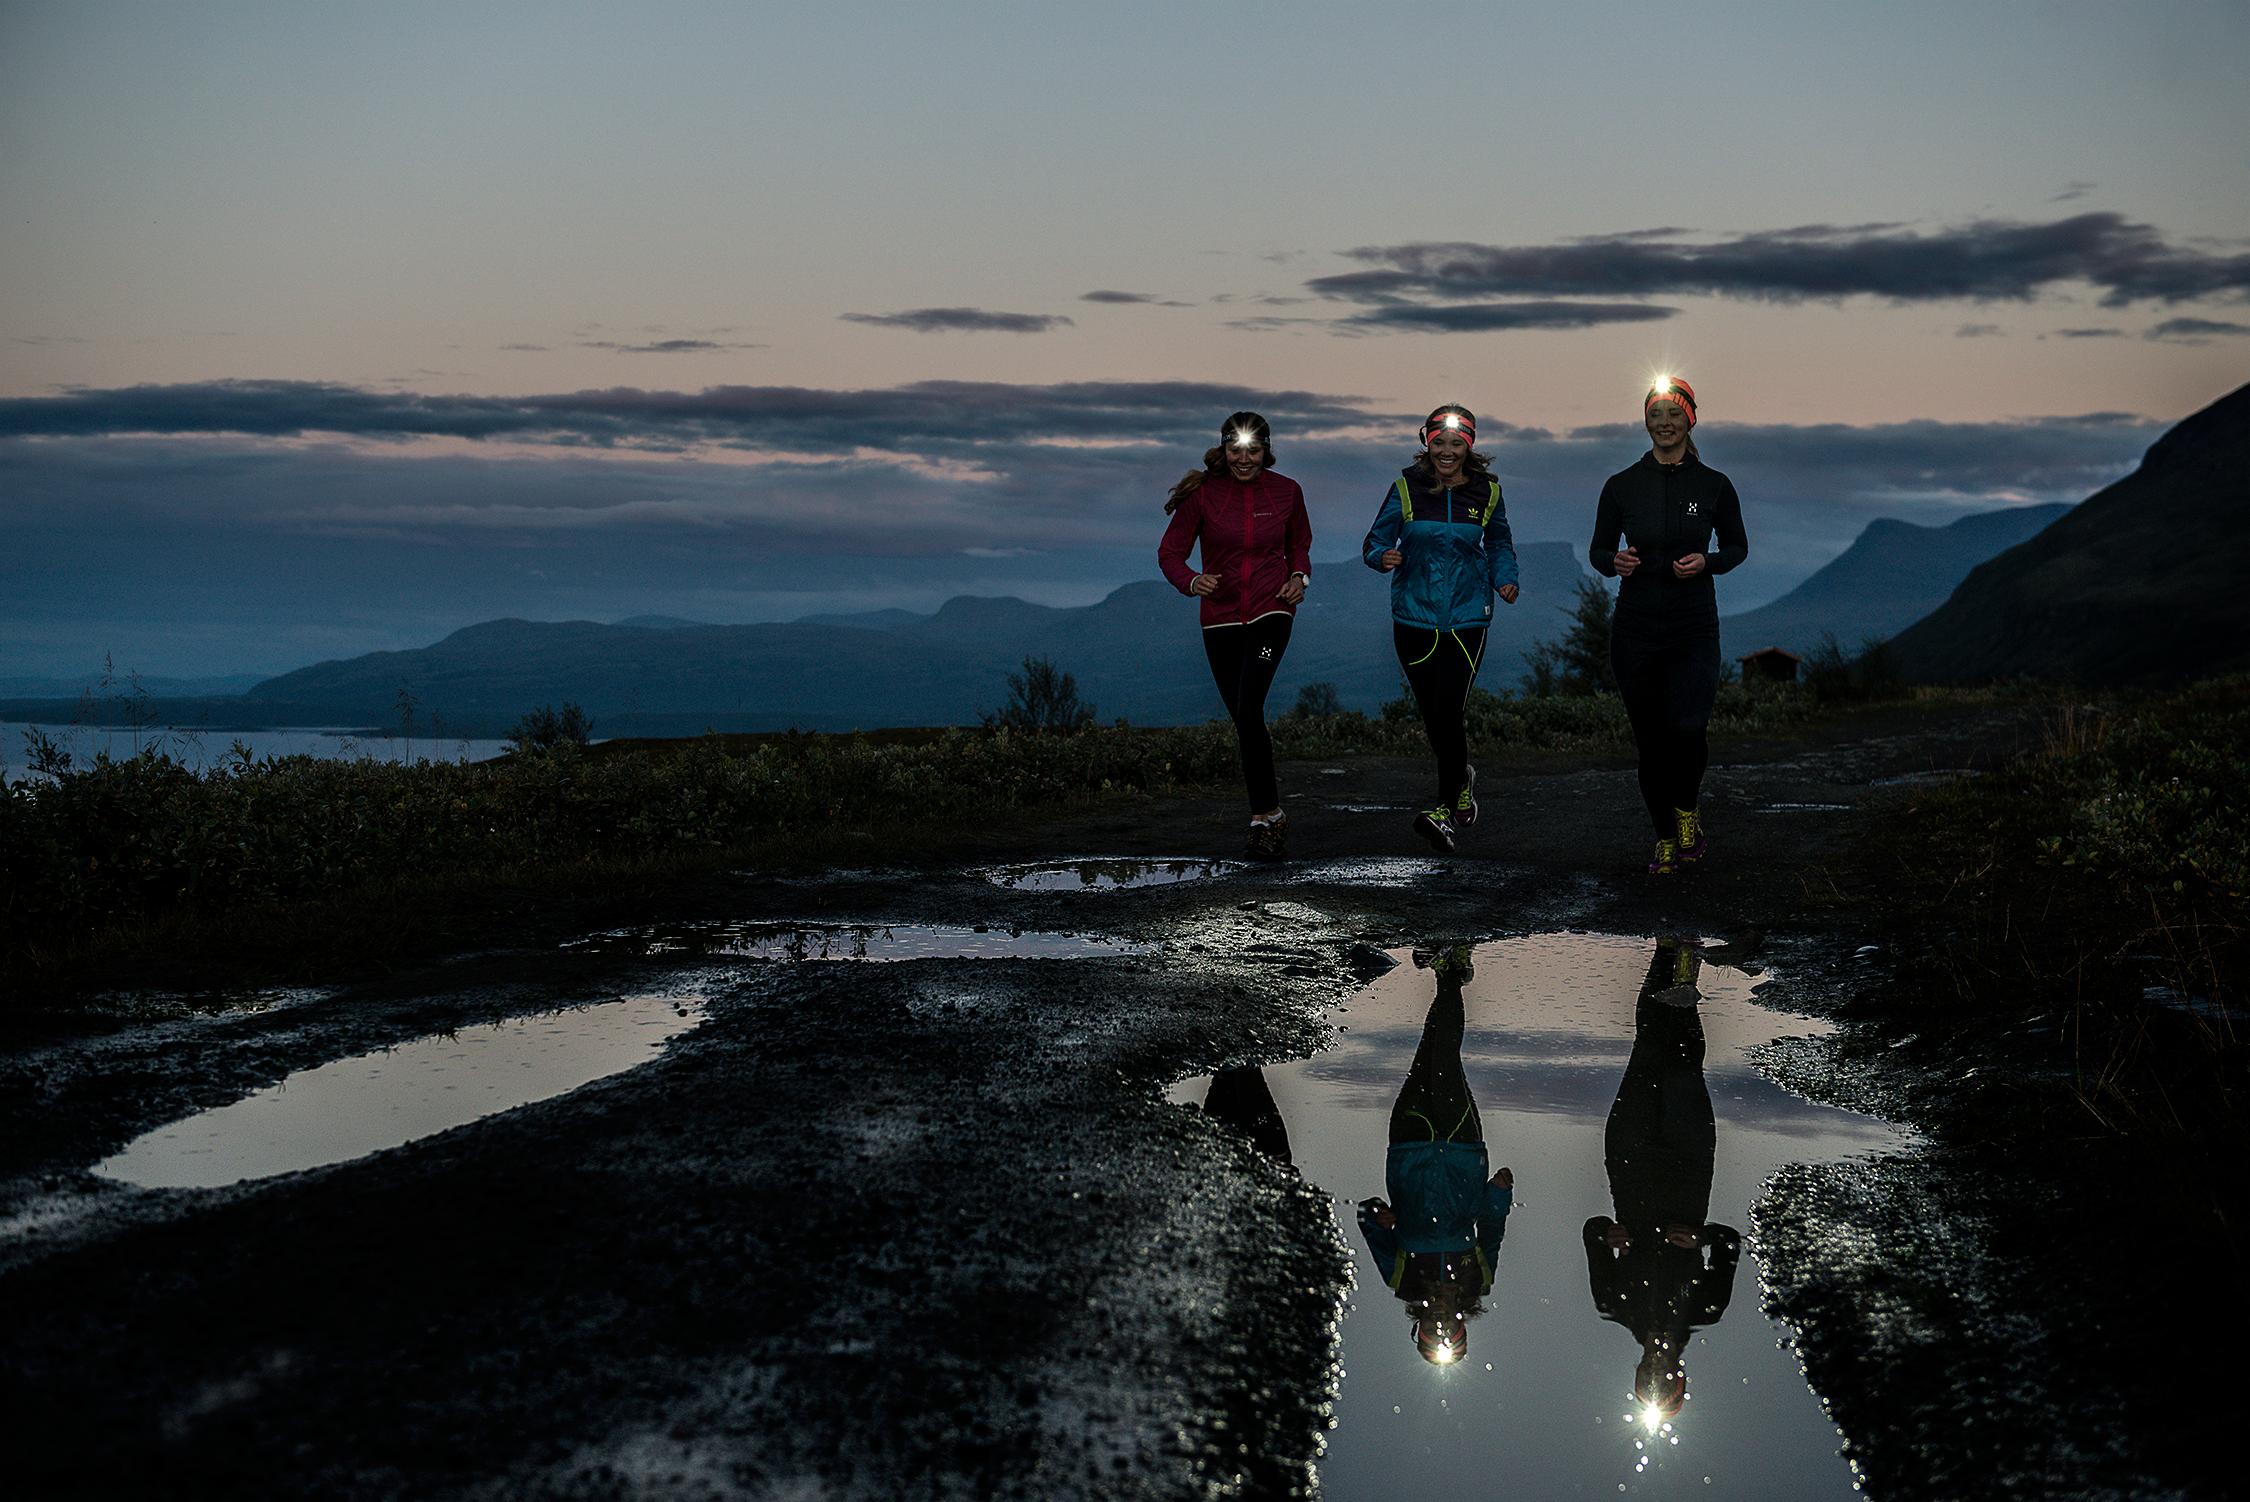 LØP SAMMEN: Den 25. Oktober Inviteres Kvinner I Kristiansand Til å Løpe Sammen Under Arrangementet Girls Night Out. Foto: Pressebilde/Silva.